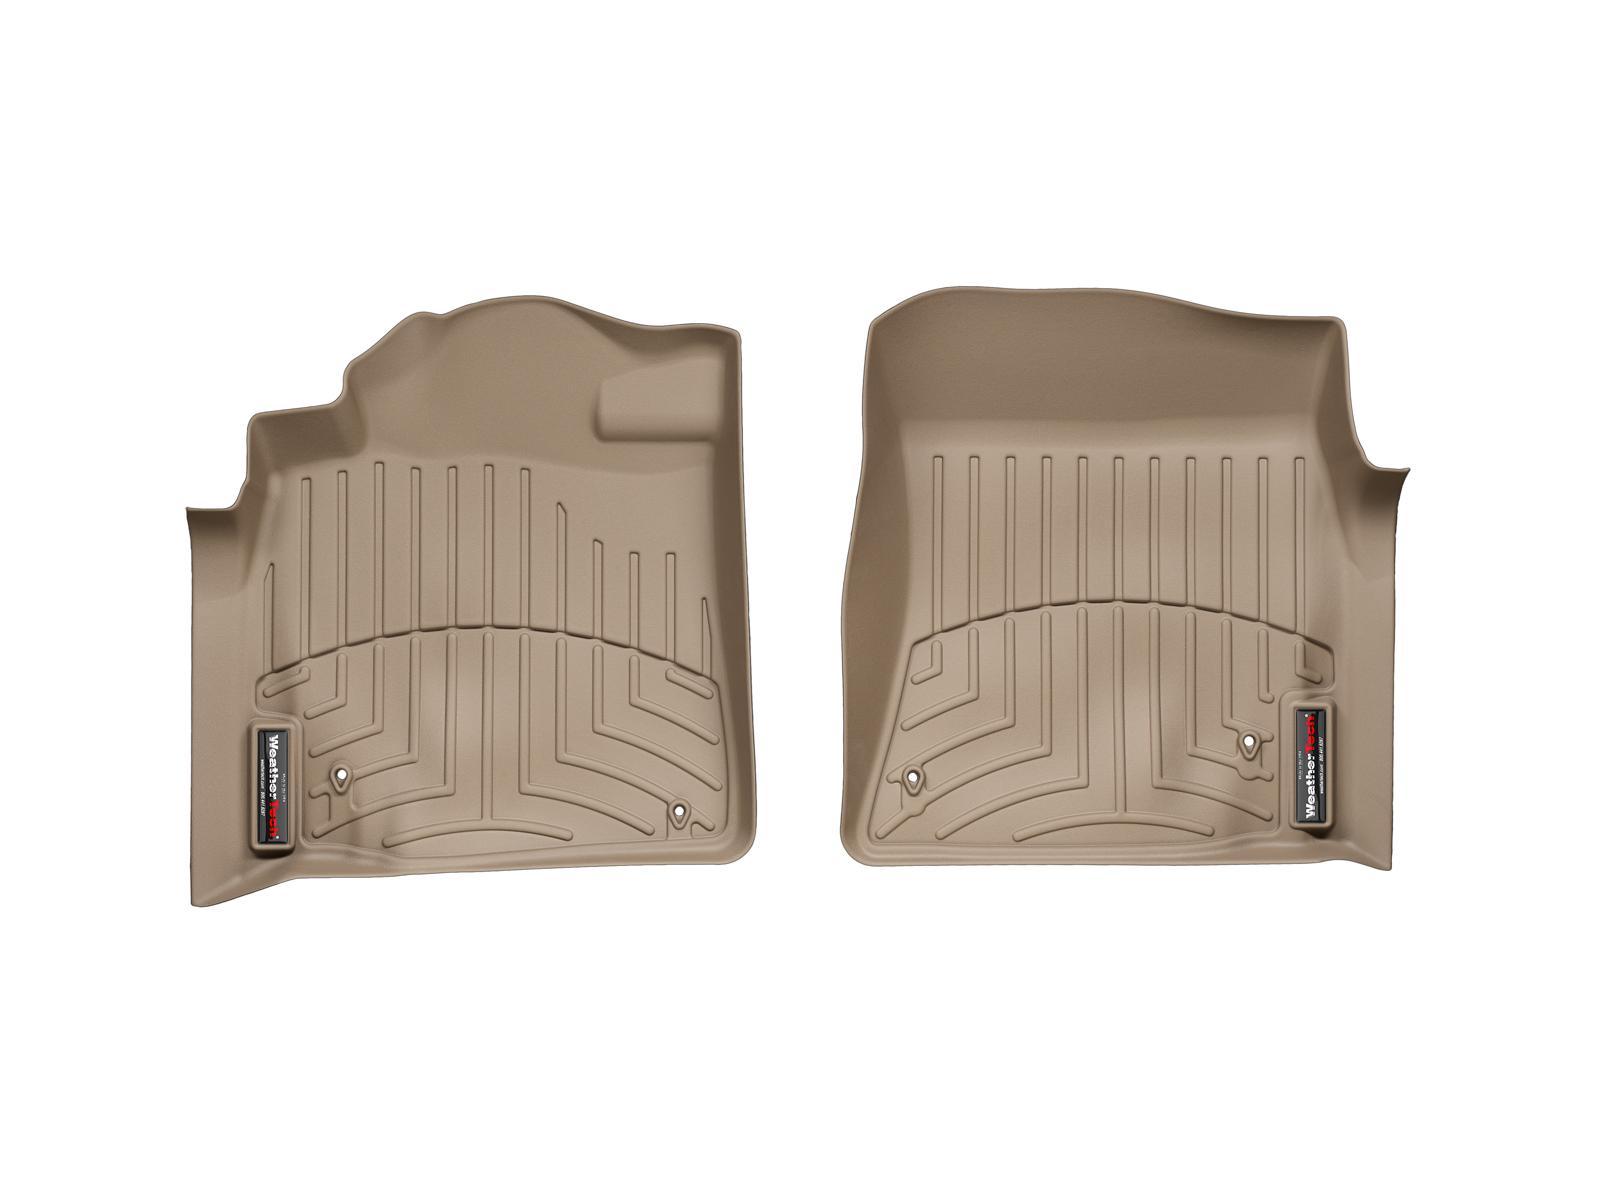 Tappeti gomma su misura bordo alto Toyota Land Cruiser V8 08>11 Marrone A3698*